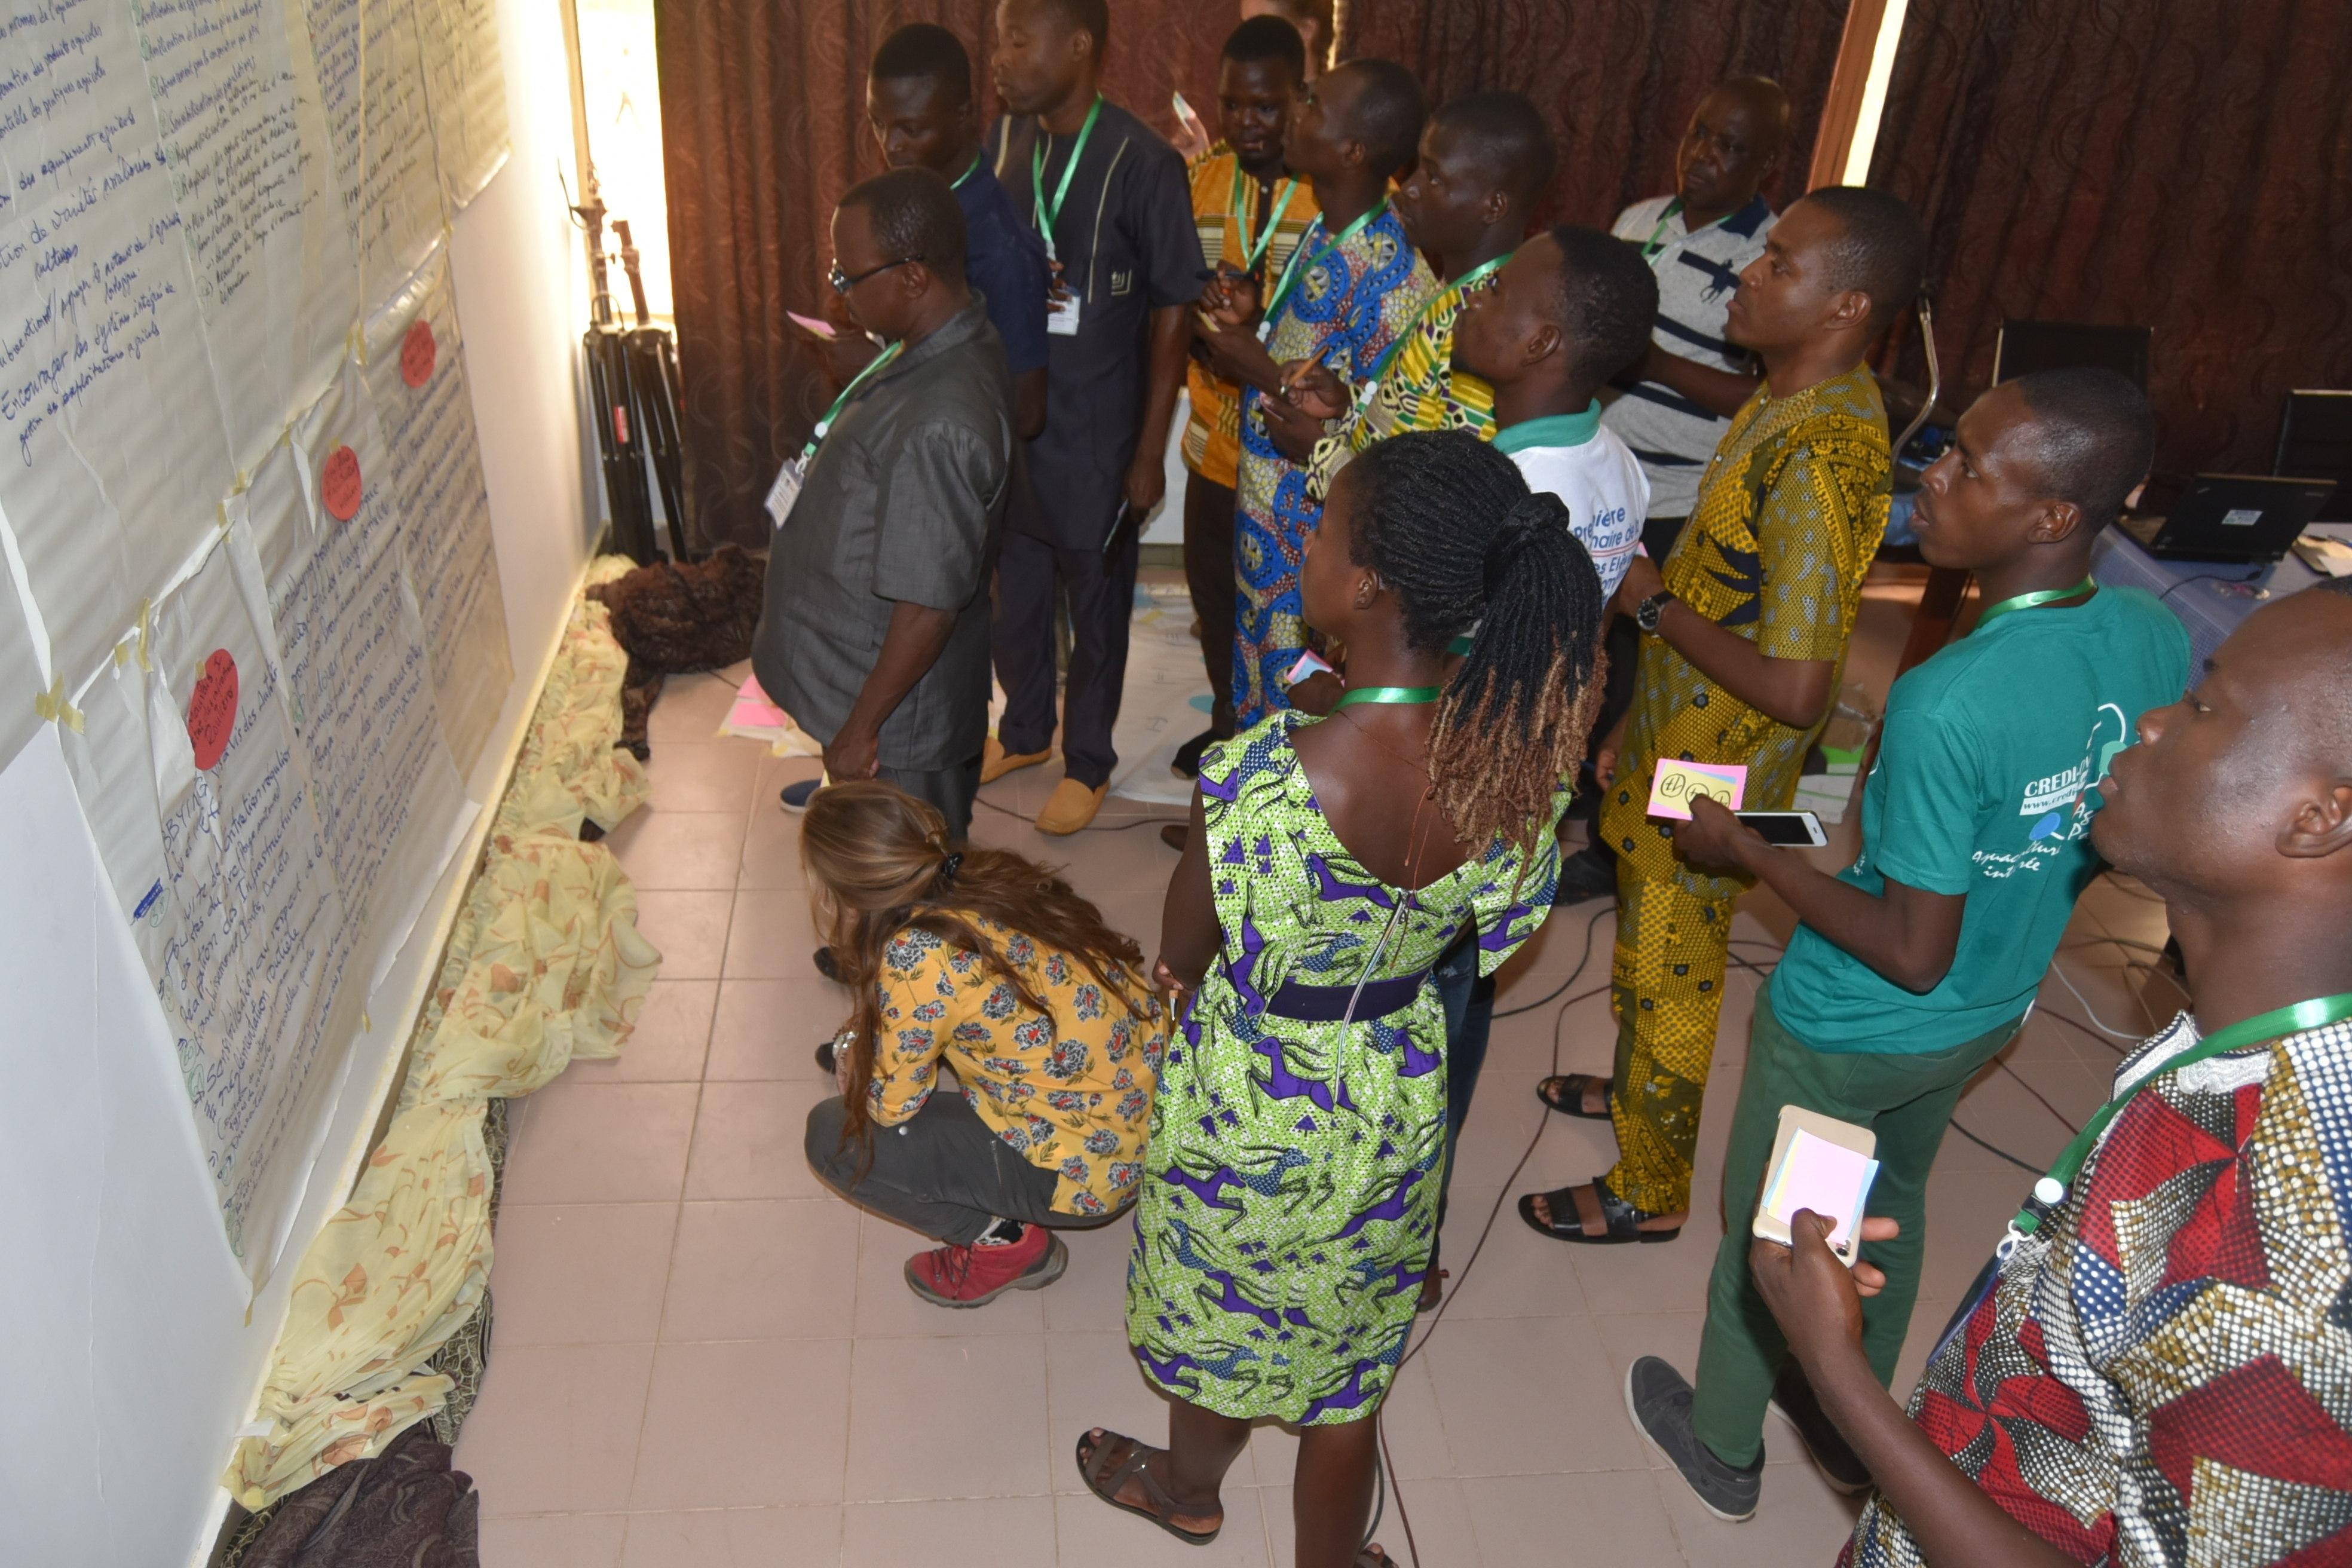 Stakeholders Workshop, Pendjari NP, Benin. Picture: Luc Janssens de Bisthoven